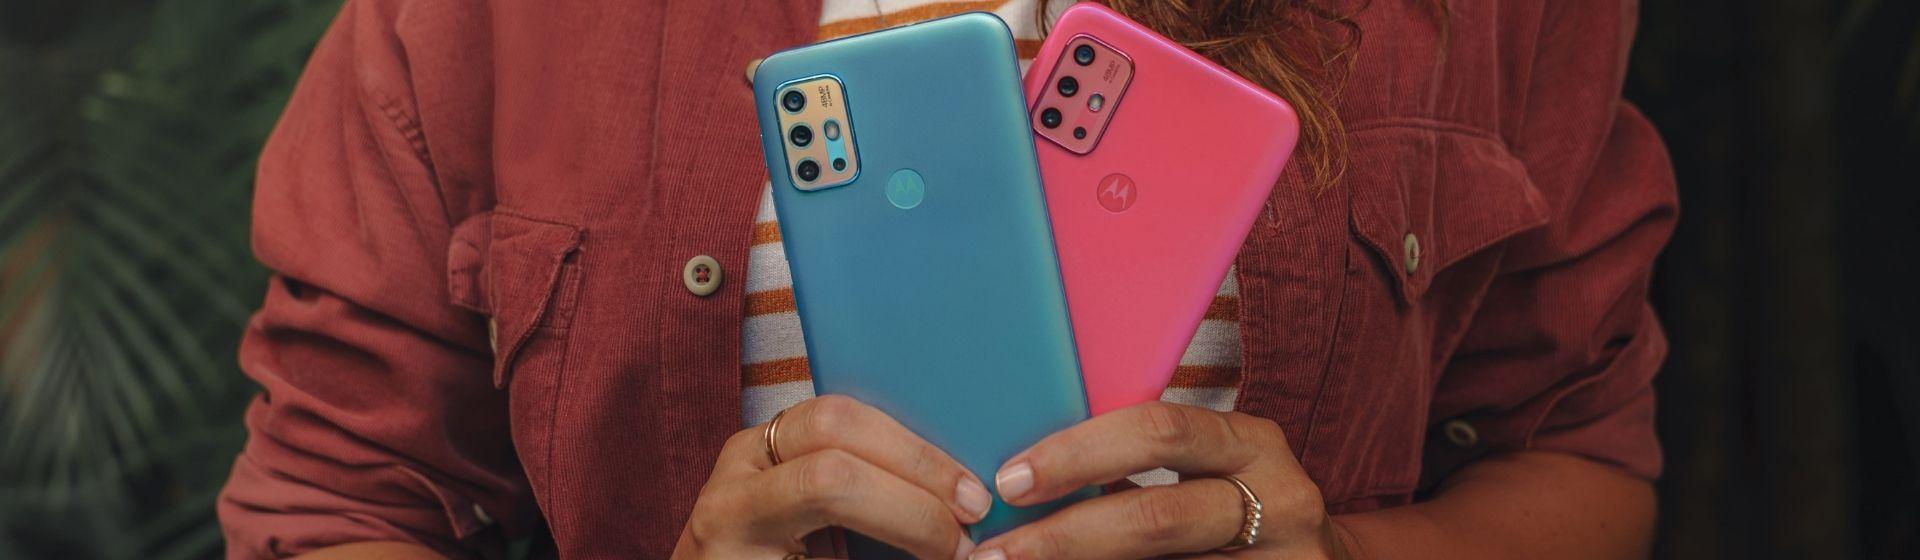 Moto G20: Motorola lança novo celular com quatro câmeras